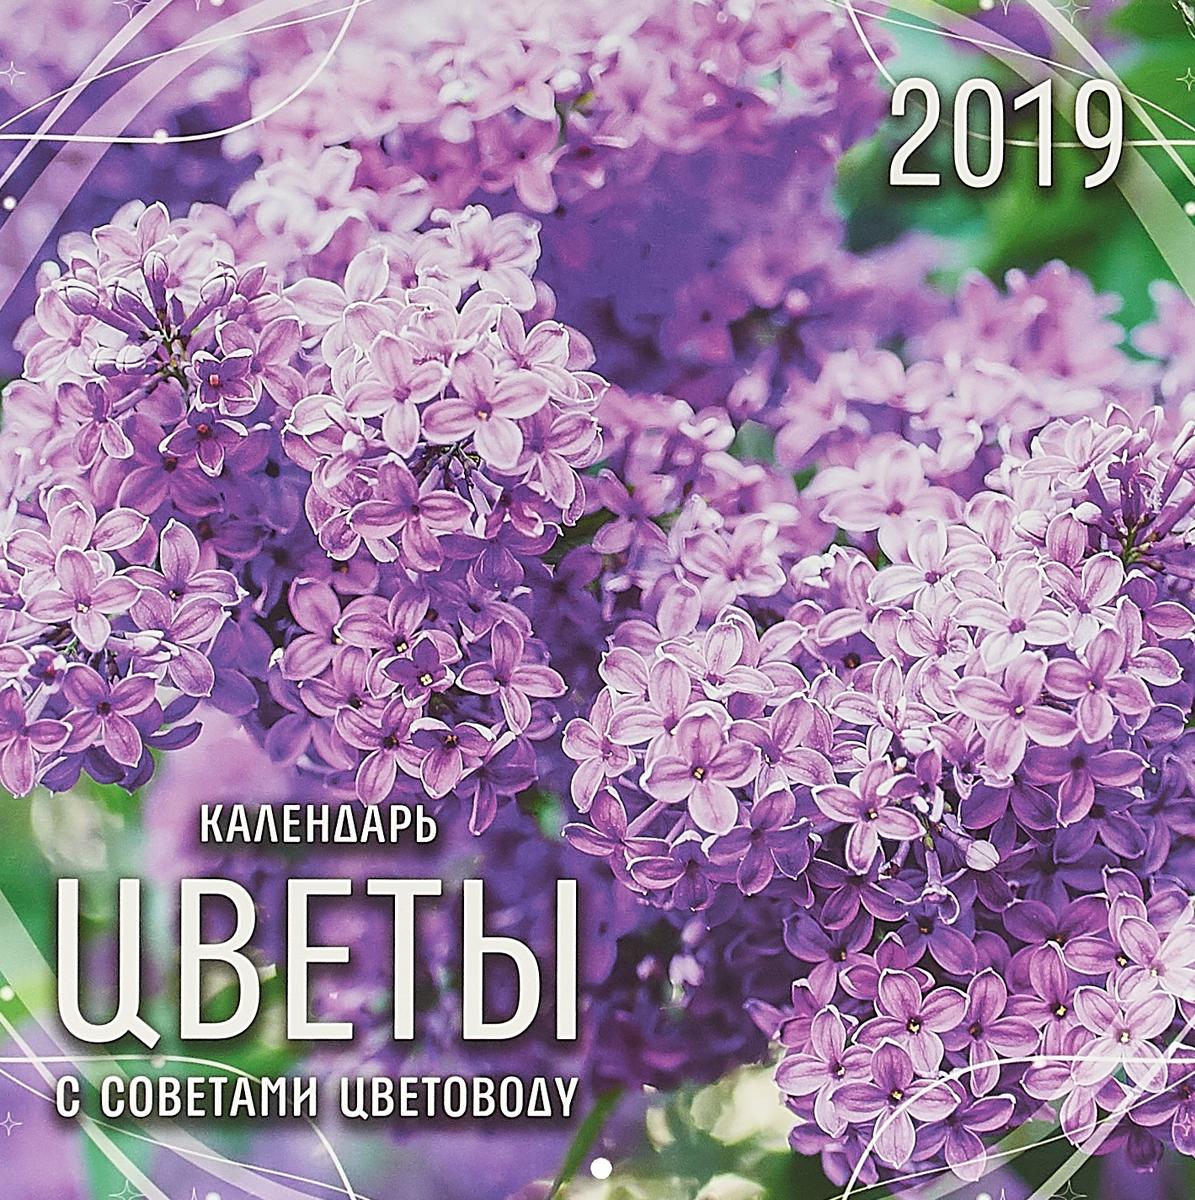 Календарь настенный перекидной на 2019 год (на скрепке). Цветы. С советами садоводу календарь настенный 2016г 285 280мм 12л на скрепке d3657